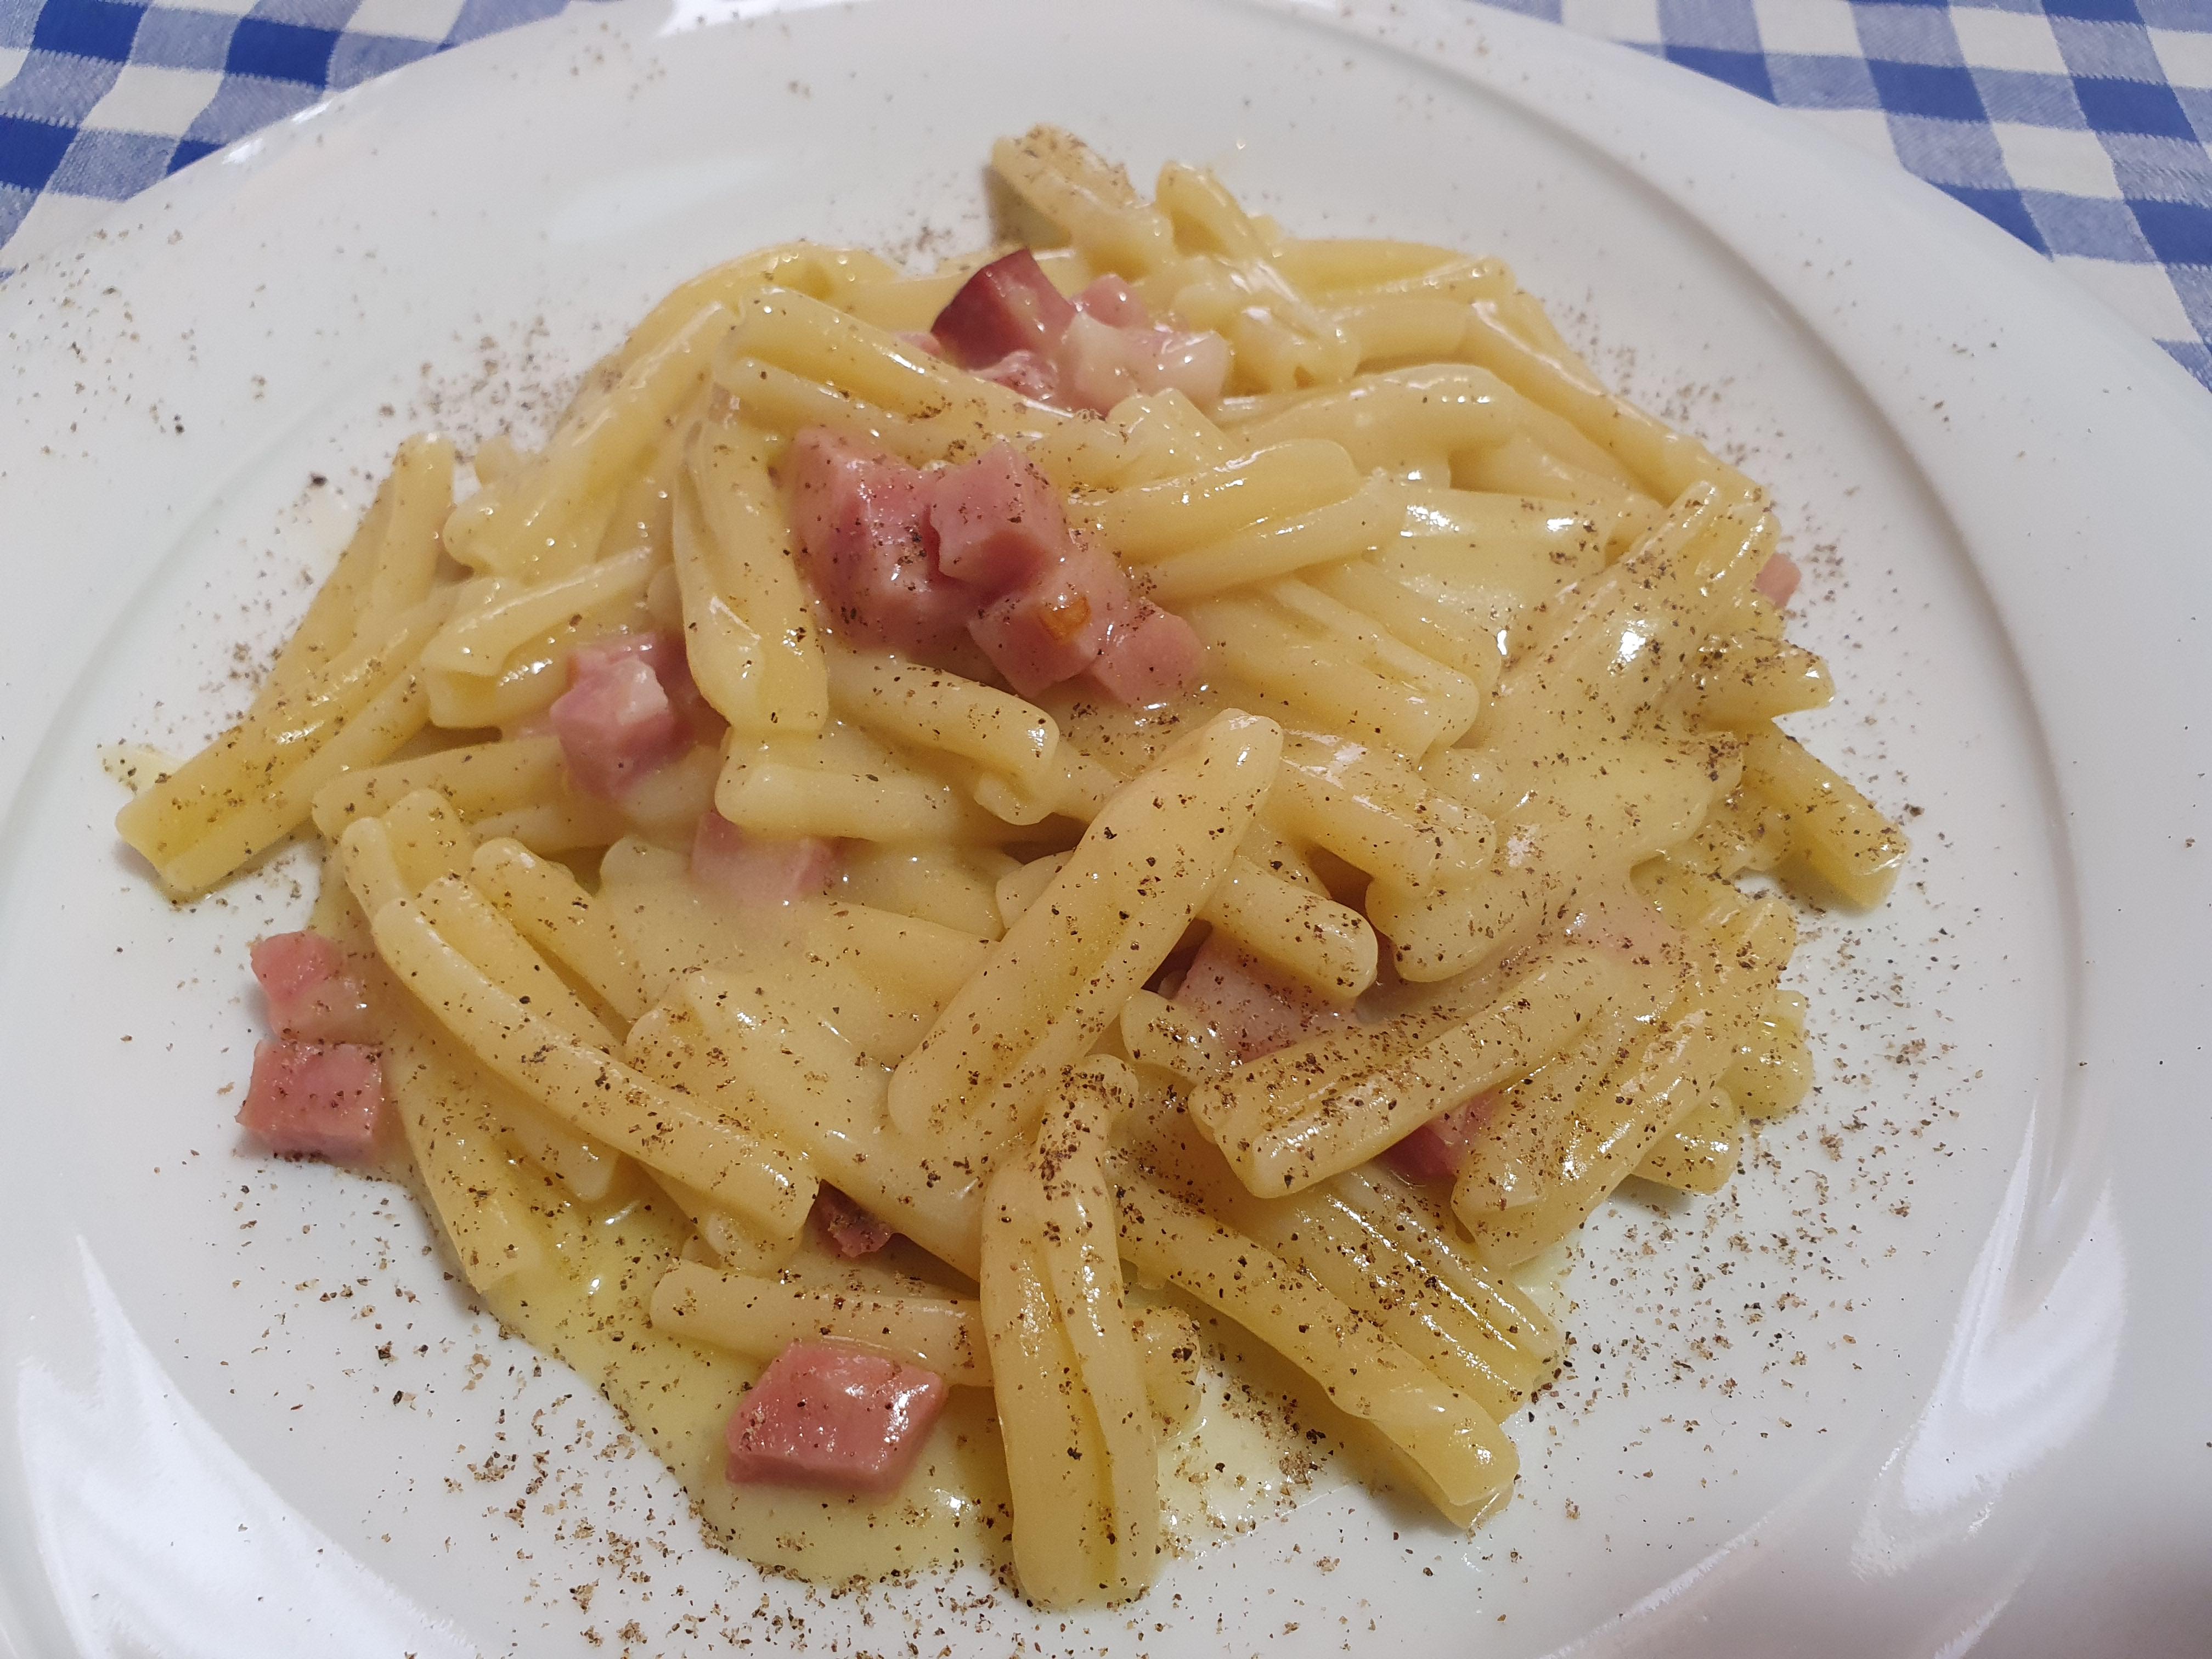 Casarecce speck e crema di patate